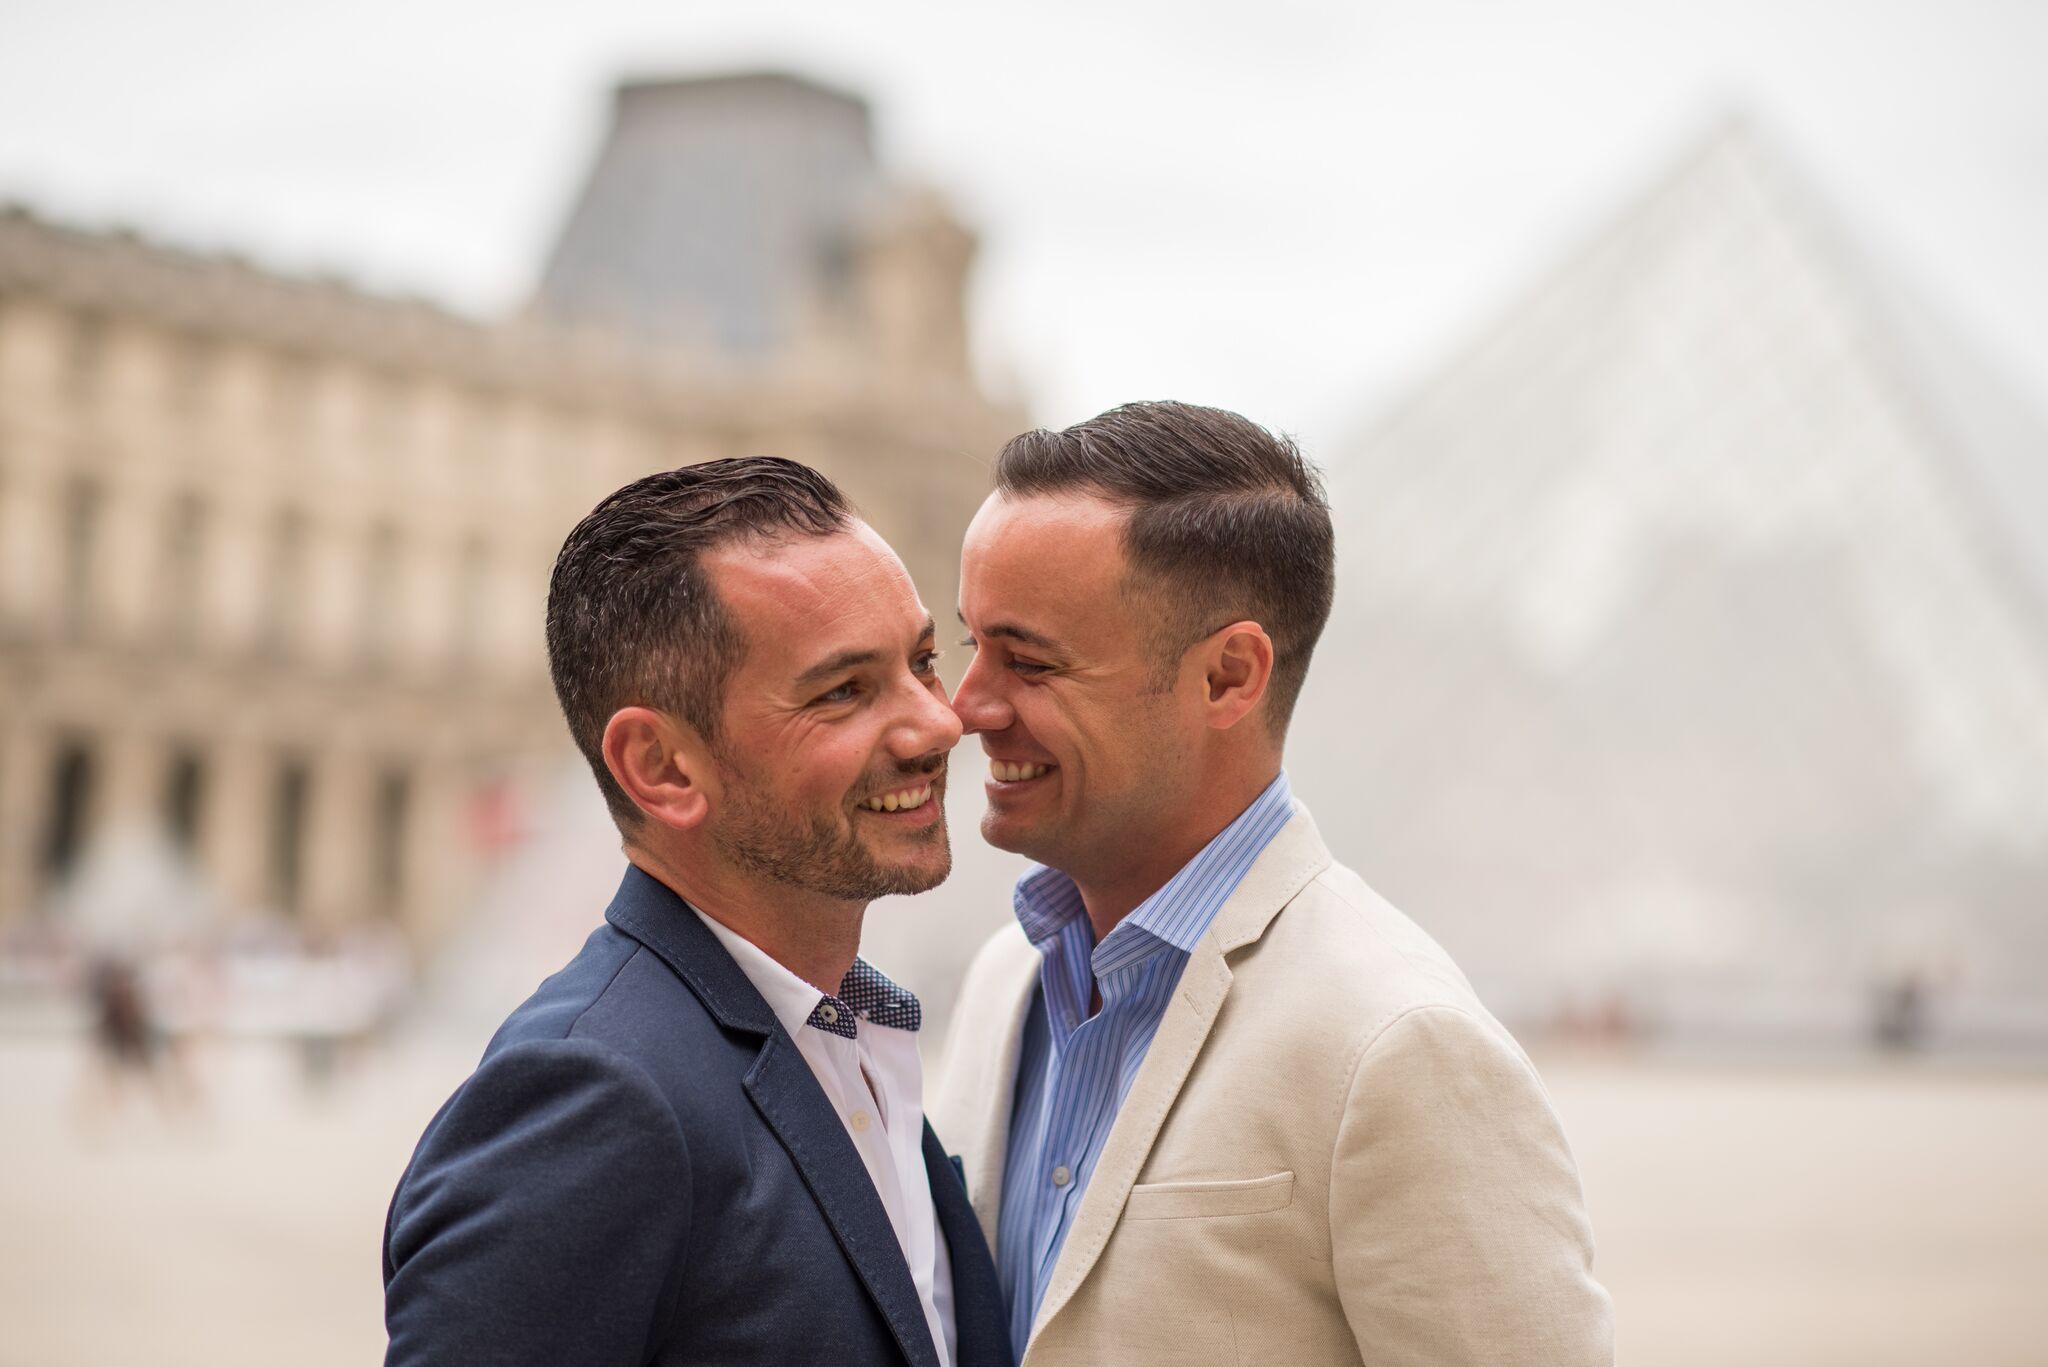 Eşcinsellerin Ortalama Evlenme Yaşı Kaç?